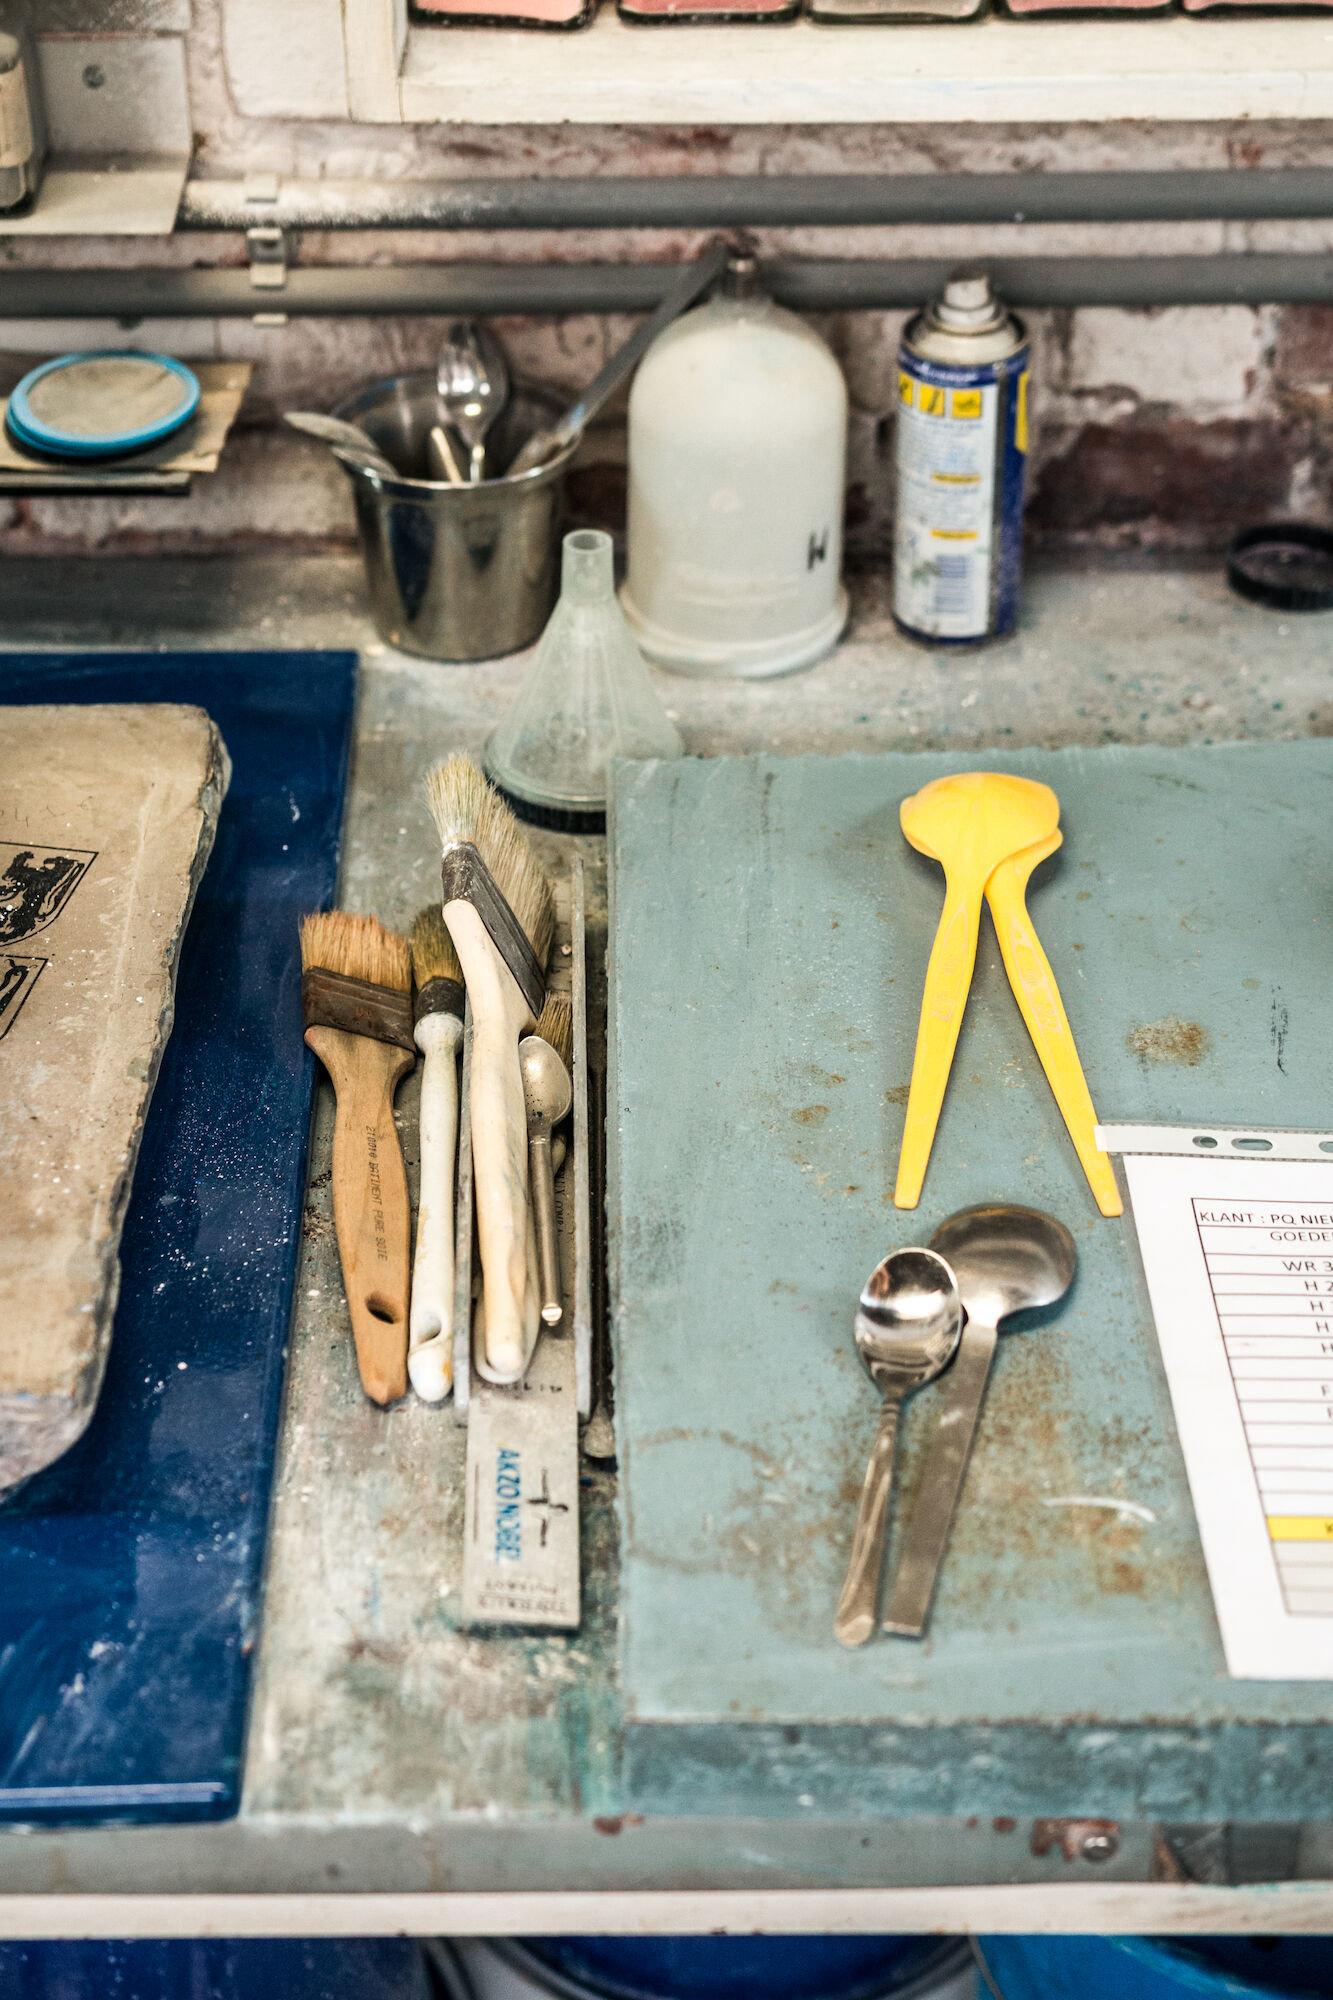 Gebruiksvoorwerpen in het labo van Emaillerie Belge